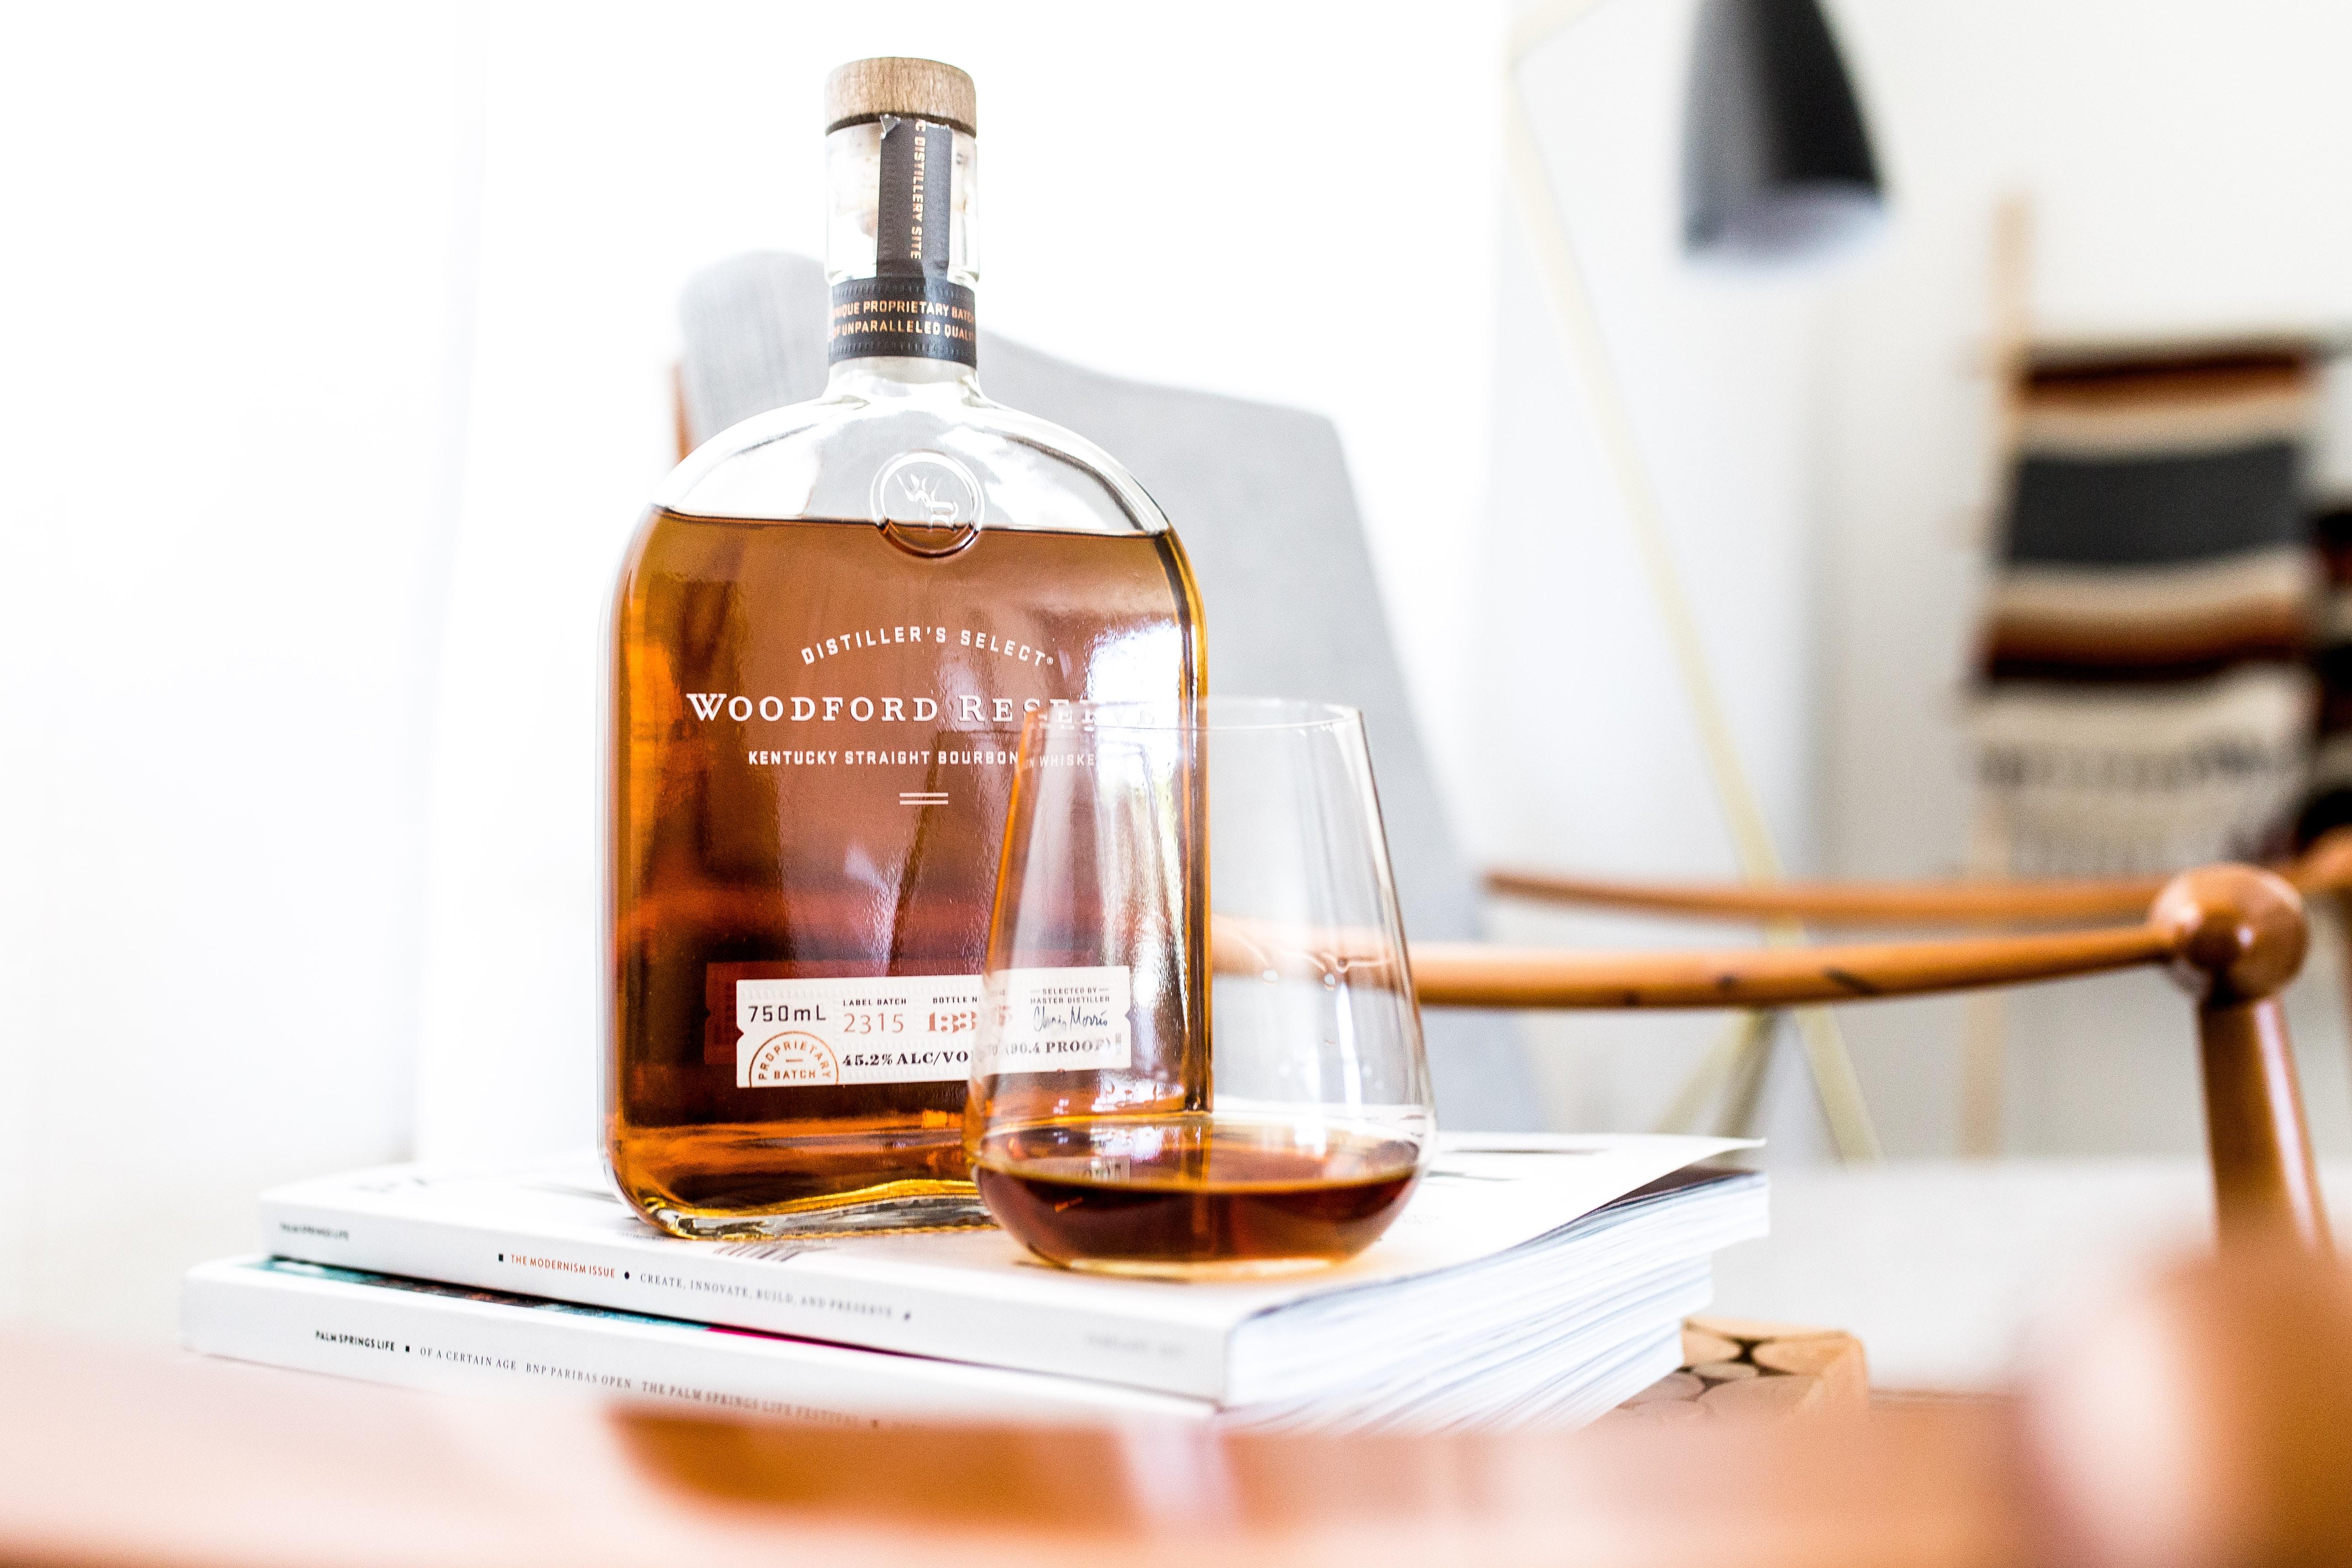 liquor bottle beside shot glass